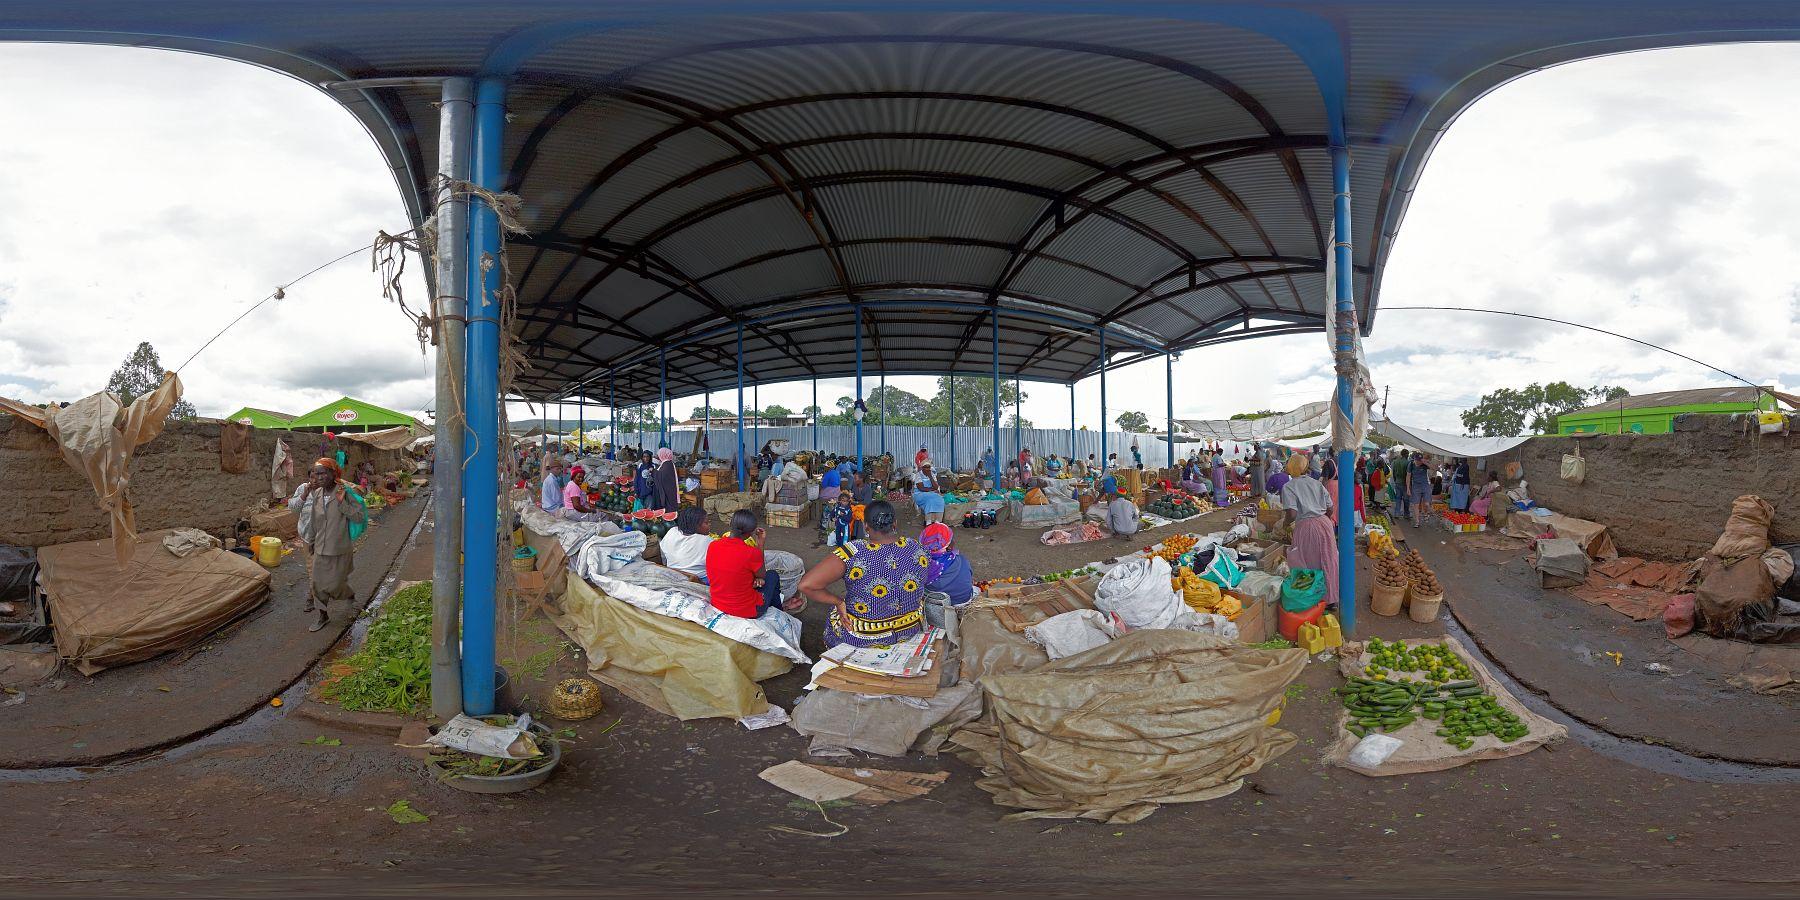 Panorama Kenia Nakuru Markt 3